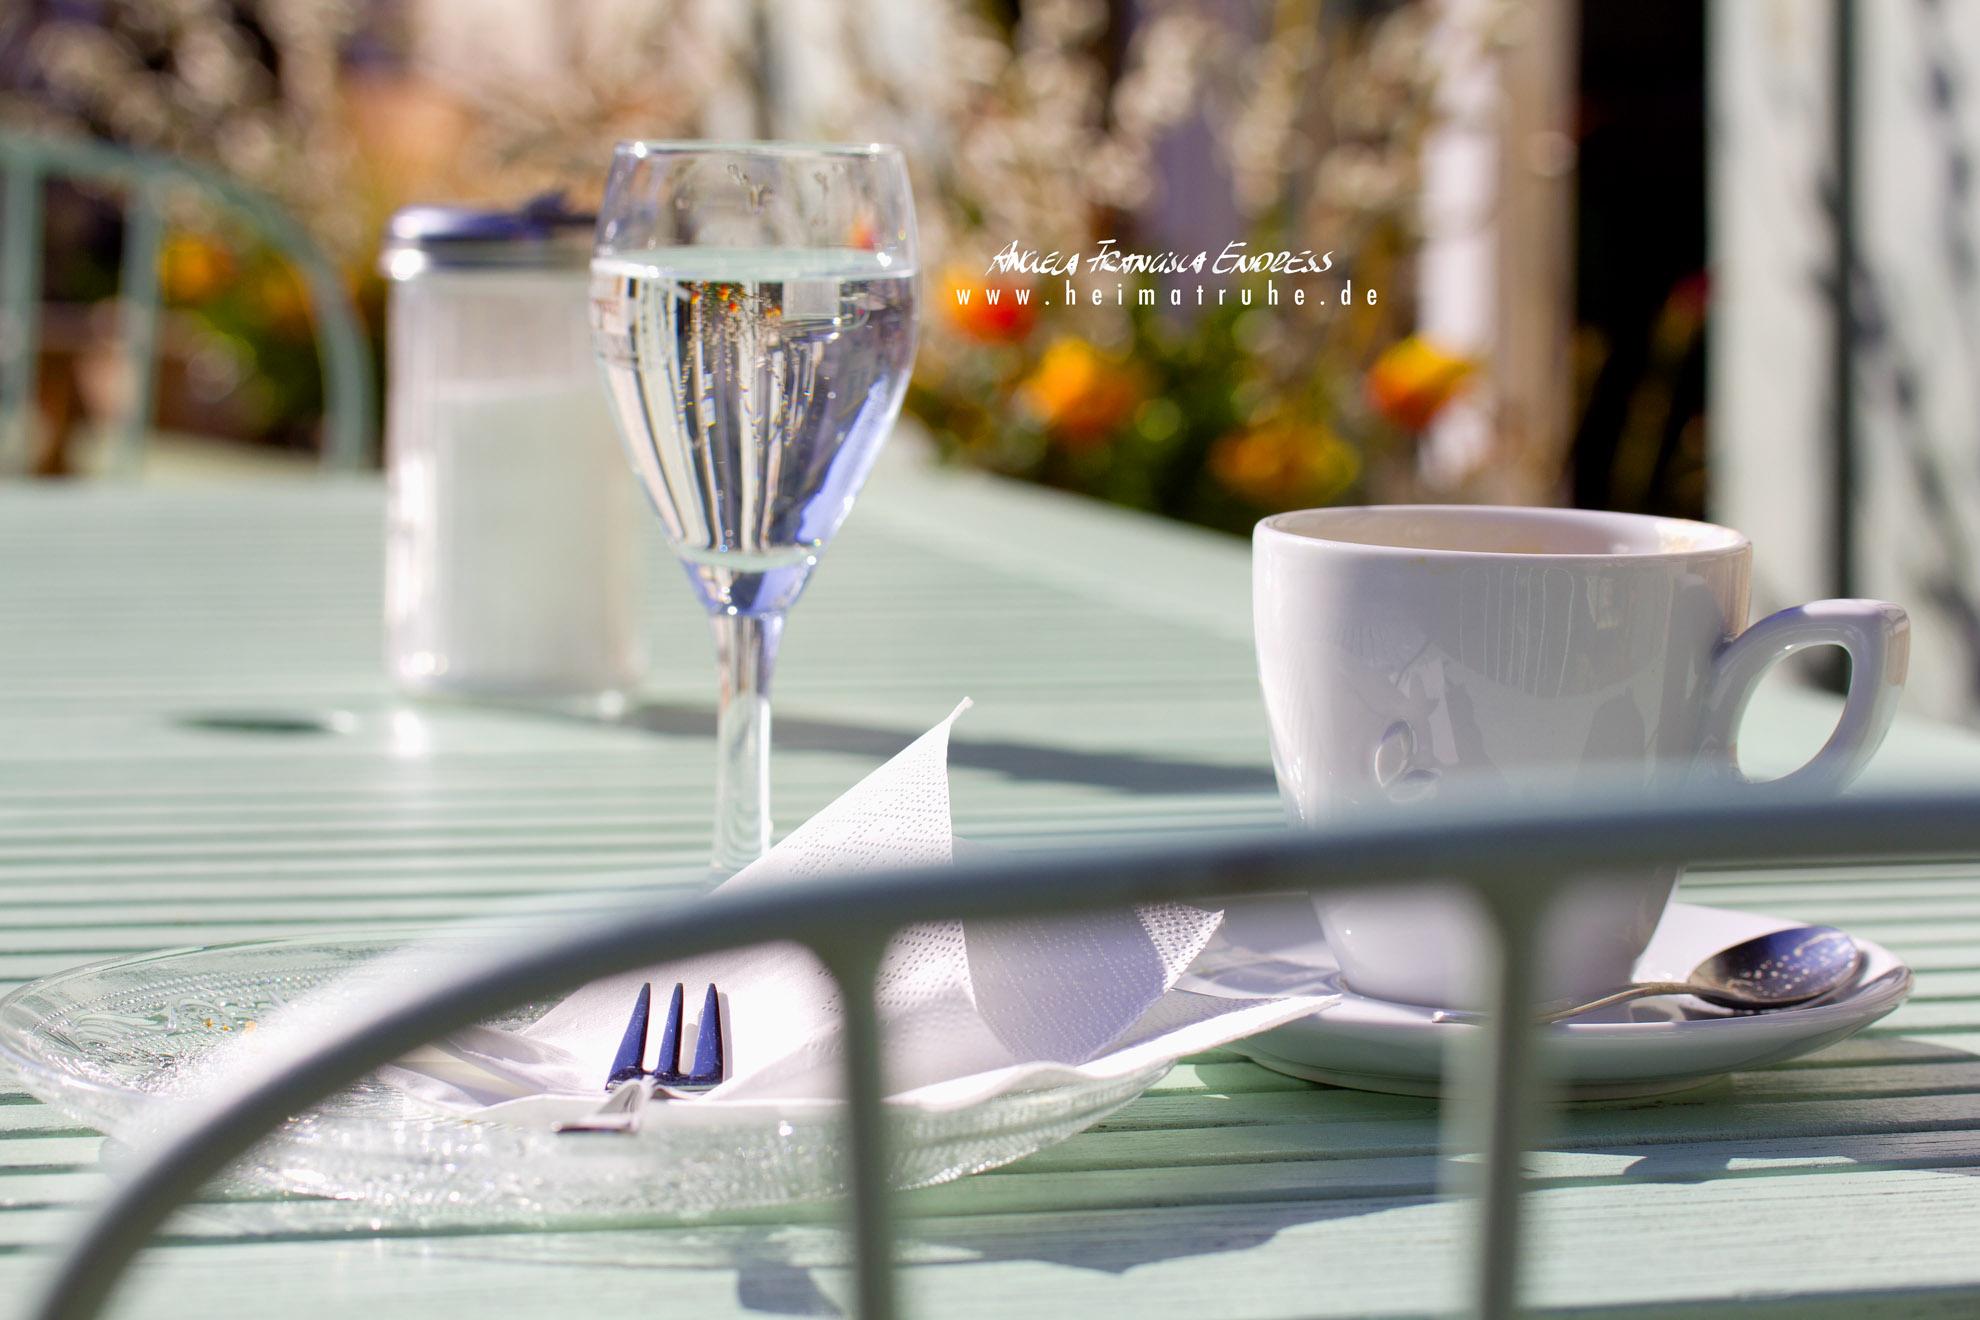 close Tisch mit Kafeetasse